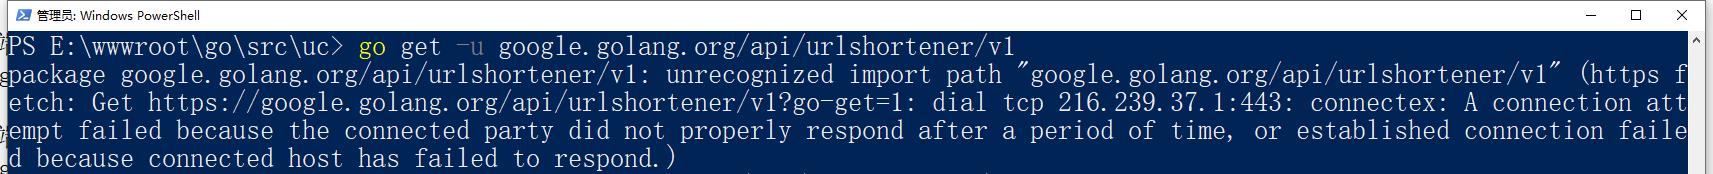 """参考:https://github.com/googleapis/google-api-go-client/blob/master/GettingStarted.md 。在终端调用以下命令来安装 API:go get -u google.golang.org/api/urlshortener/v1,报错:package google.golang.org/api/urlshortener/v1: unrecognized import path """"google.golang.org/api/urlshortener/v1""""。"""